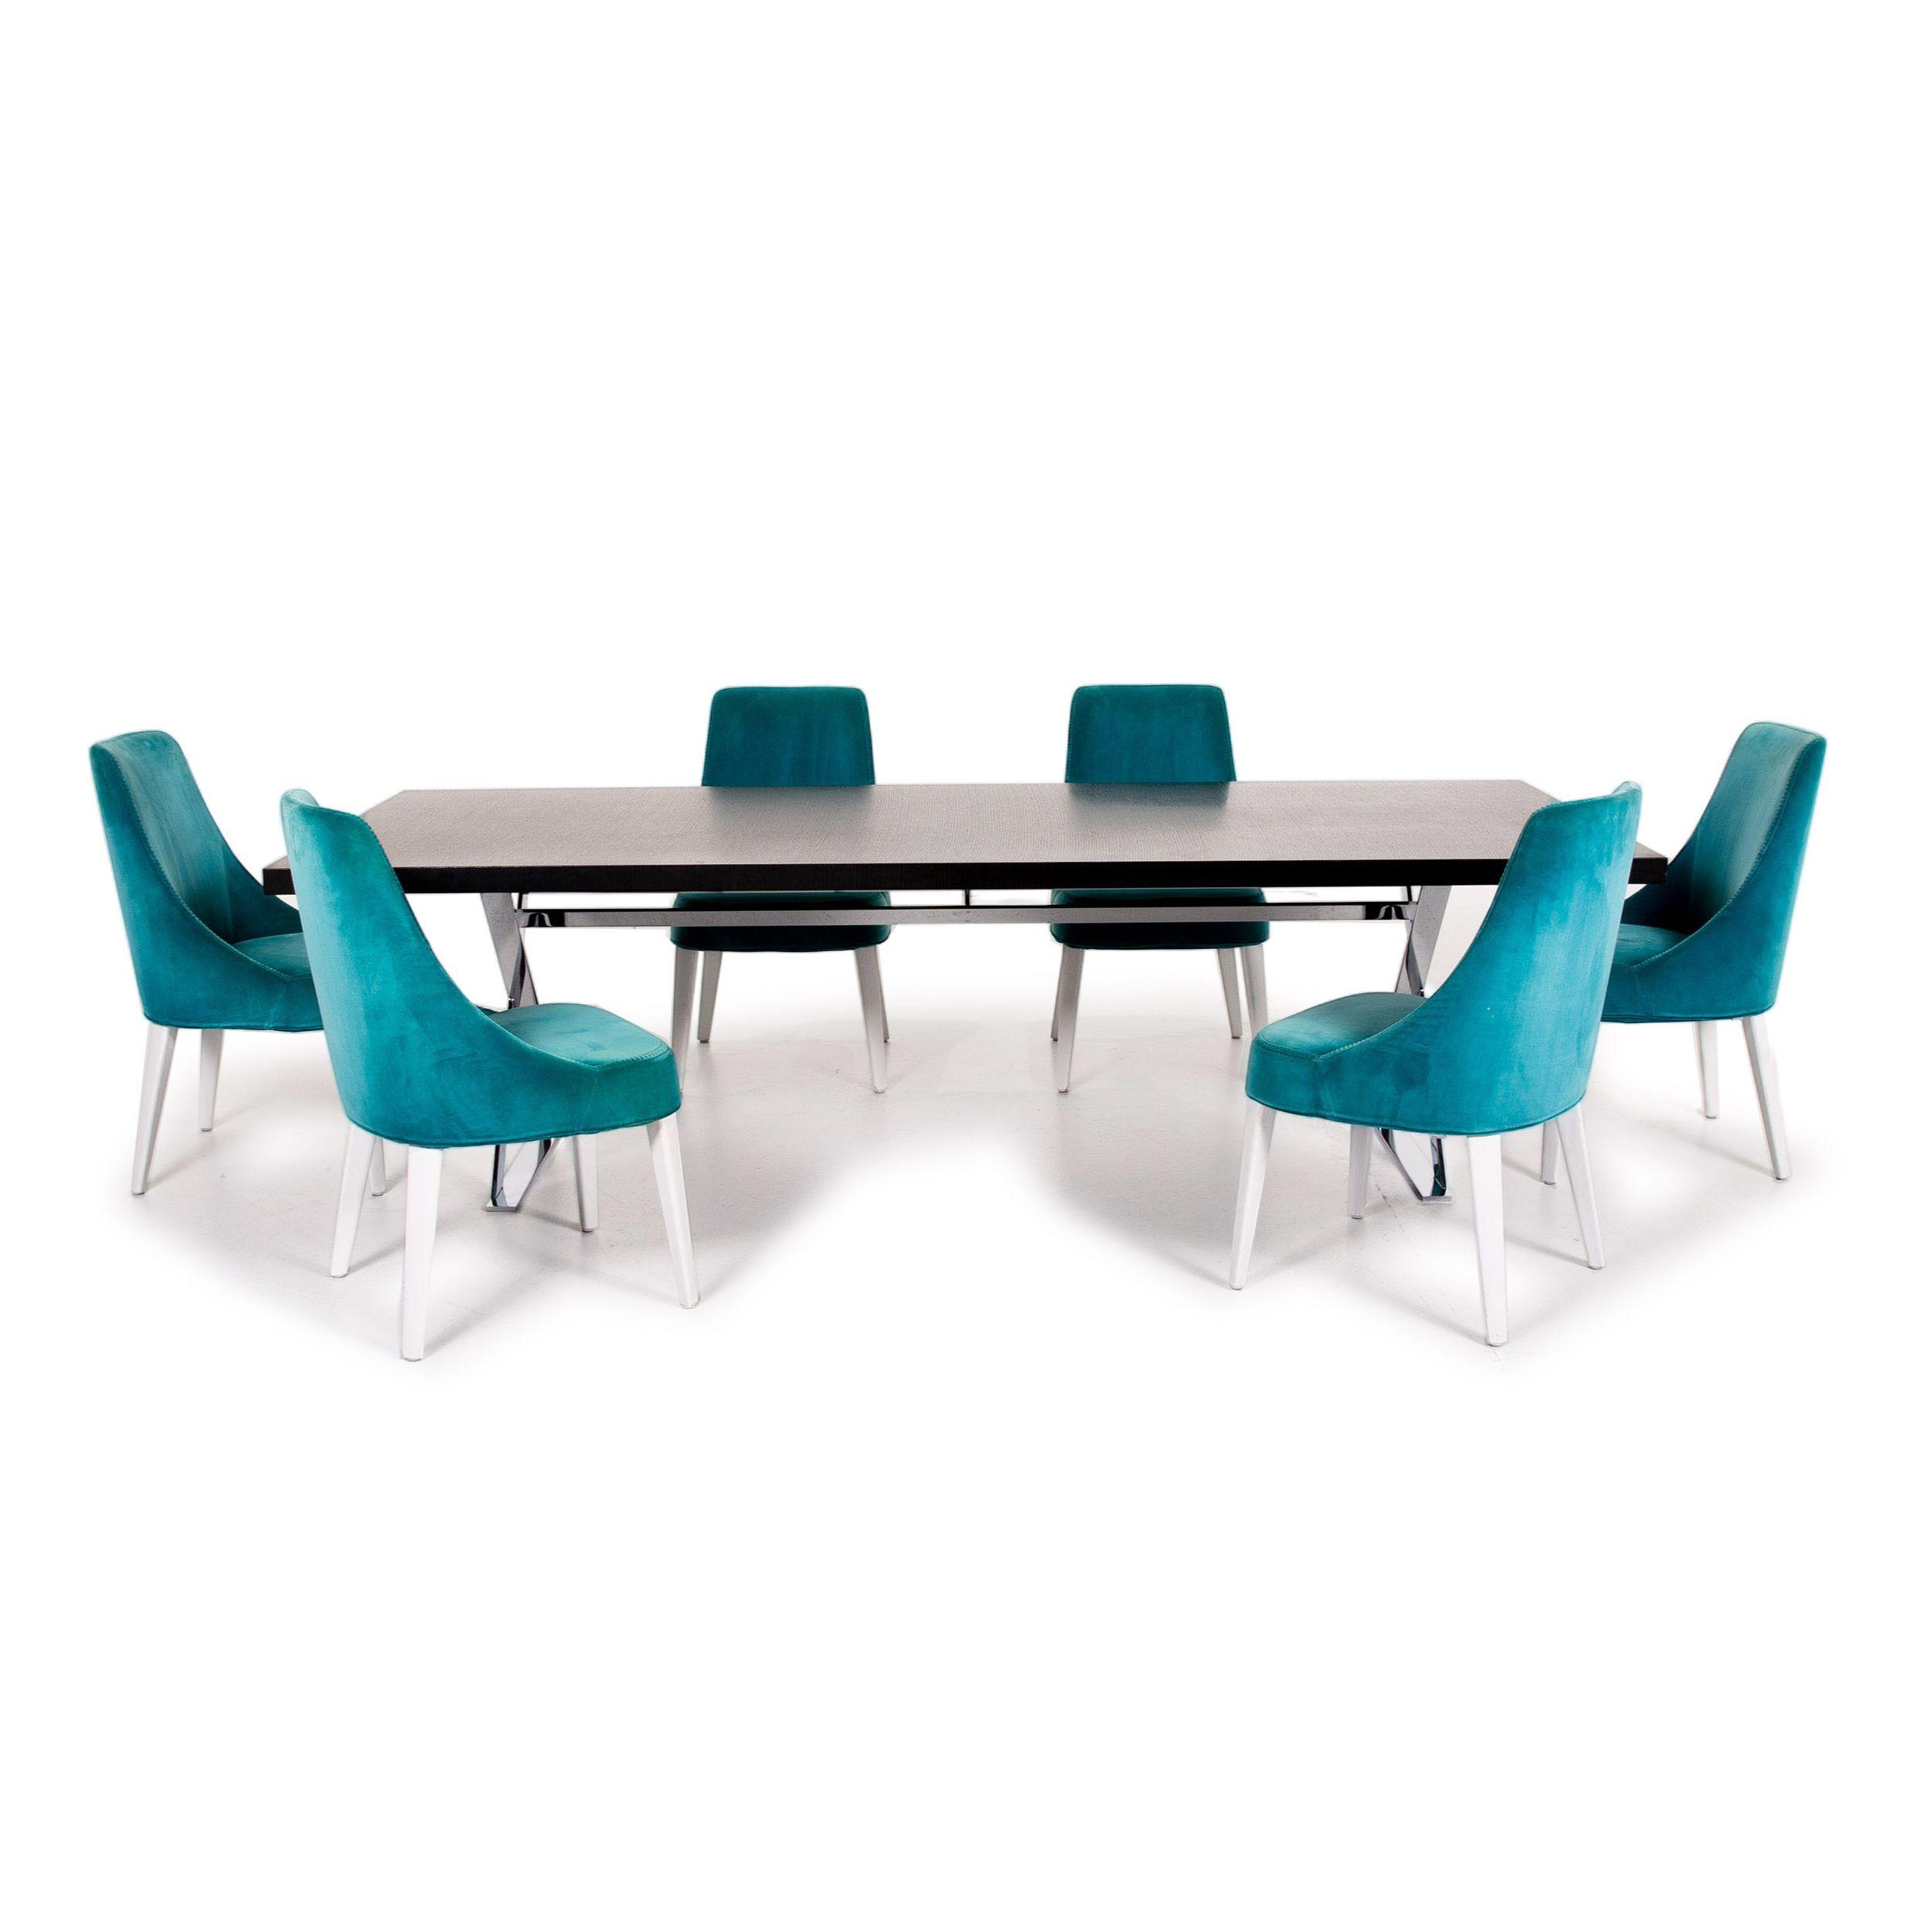 Maxalto By B B Italia Max Holz Esstisch Garnitur Schwarz Tisch Stuhl Samt Holz Metall 14218 In 2020 Esstisch Modern Wohnzimmertische Wohnung Einrichten Tipps